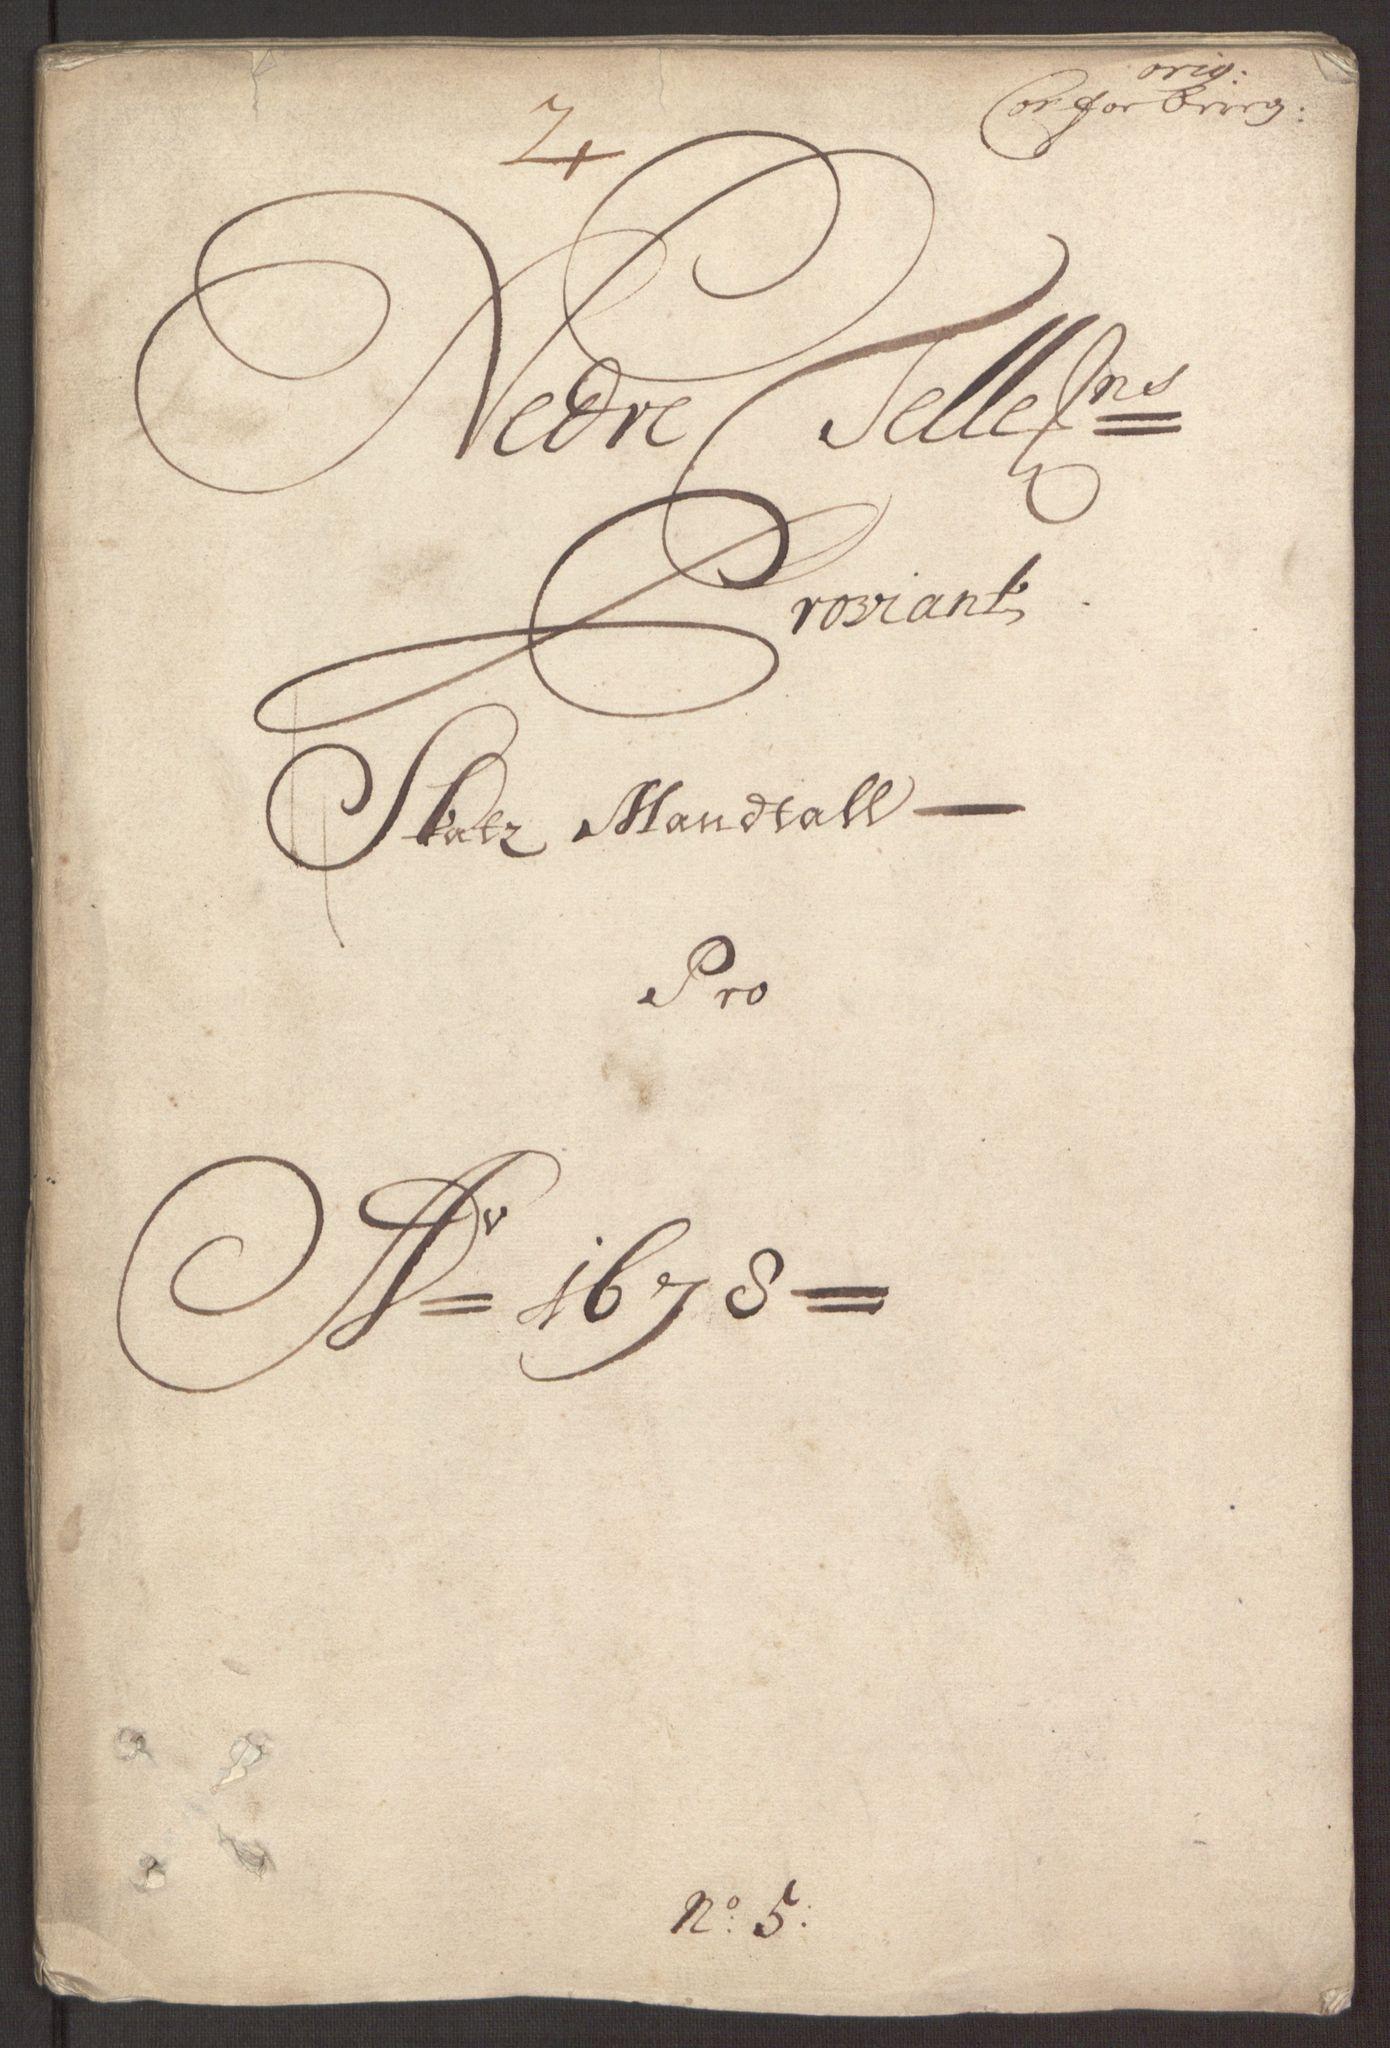 RA, Rentekammeret inntil 1814, Reviderte regnskaper, Fogderegnskap, R35/L2069: Fogderegnskap Øvre og Nedre Telemark, 1678, s. 154